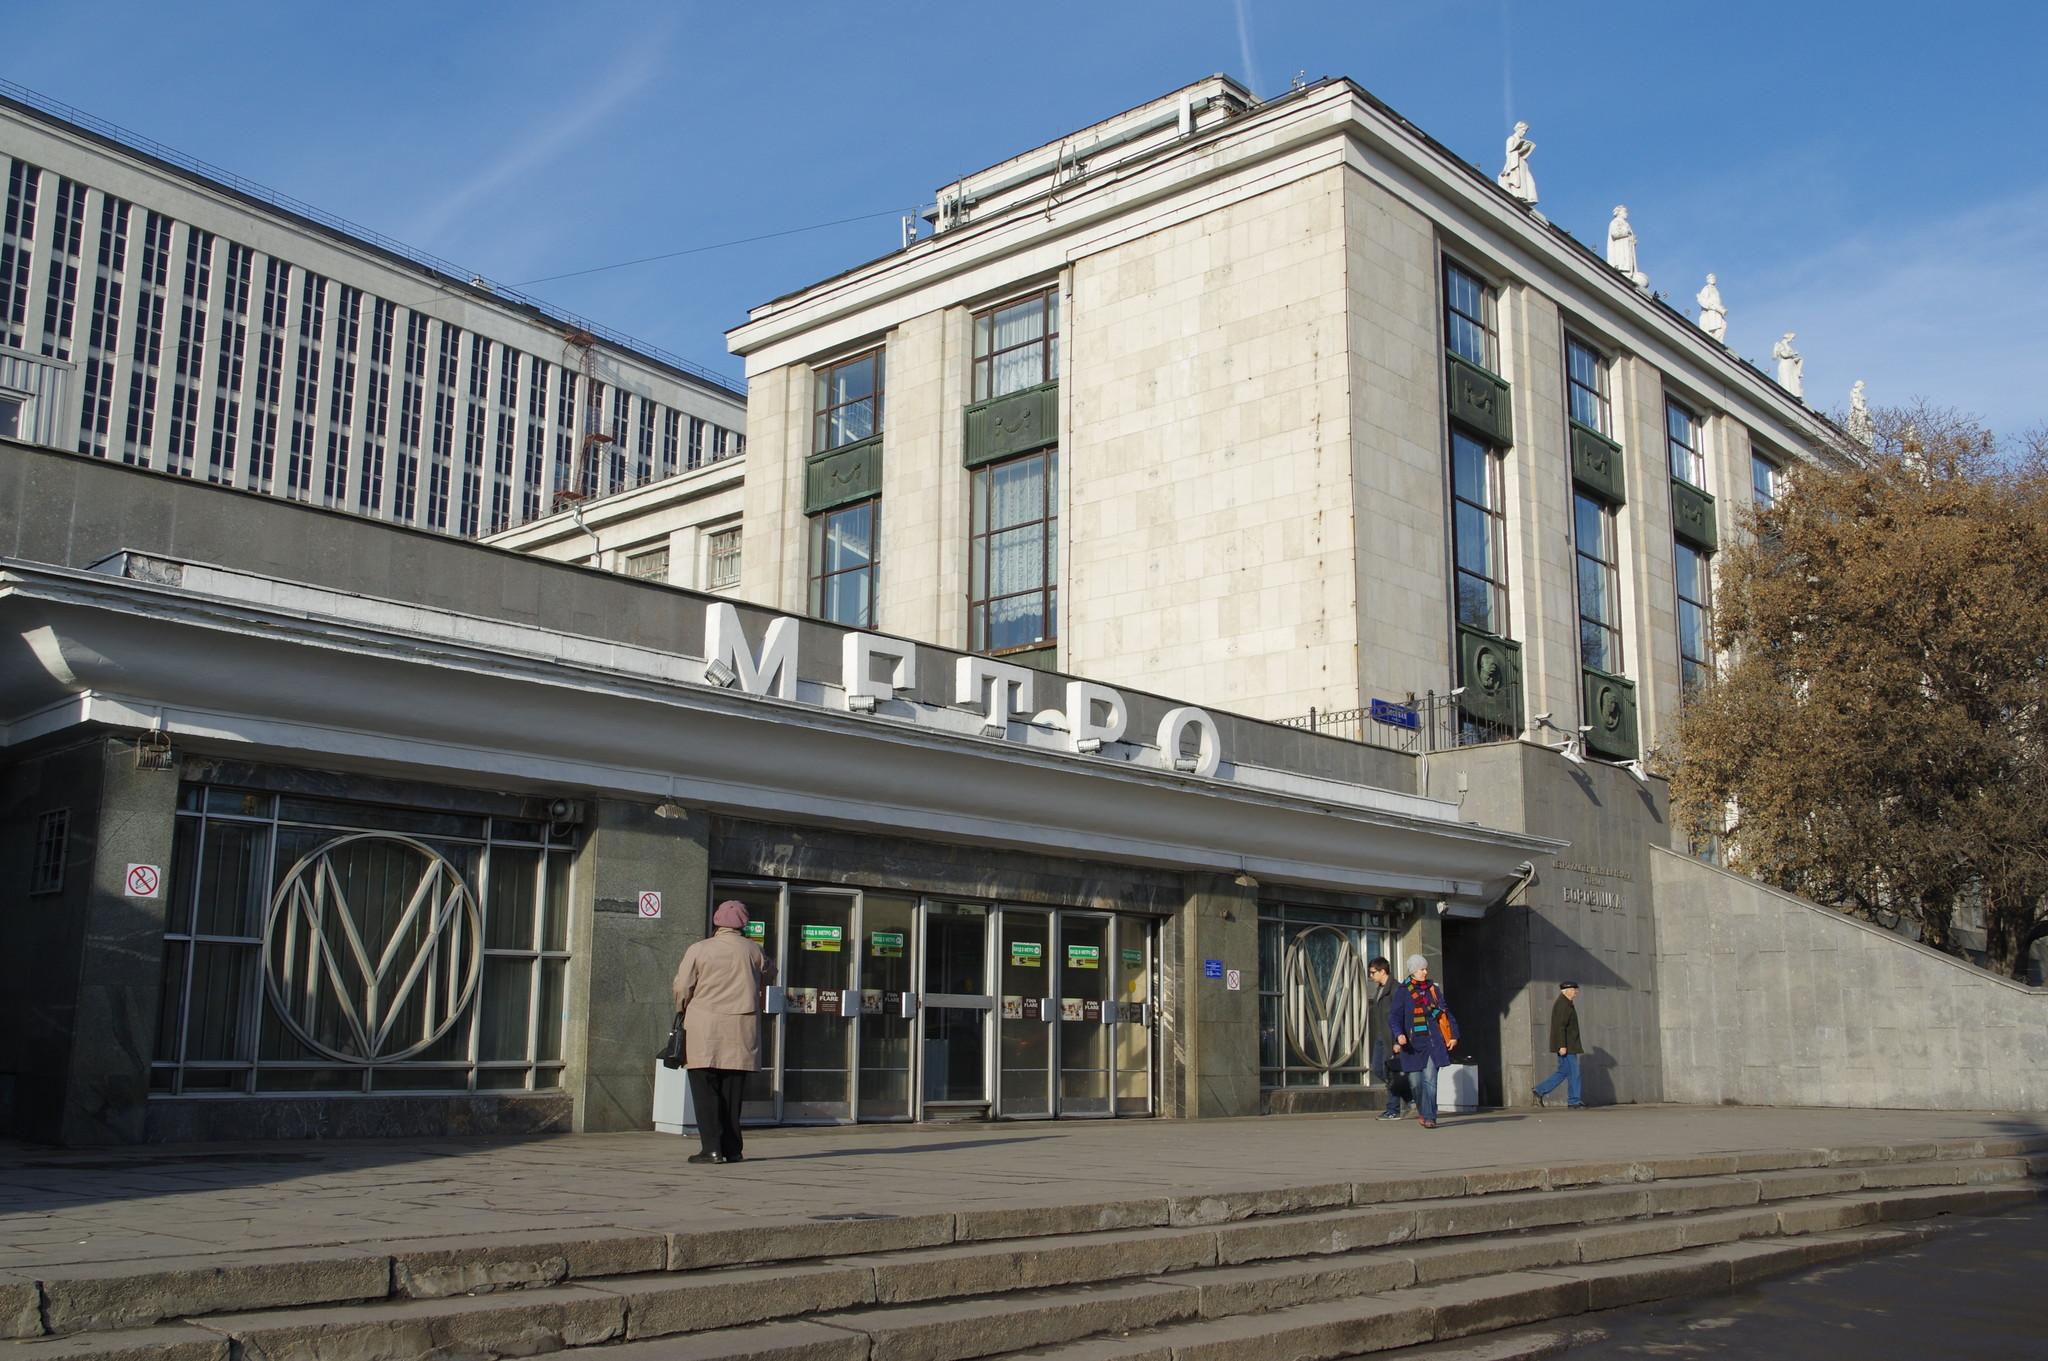 «Боровицкая» - станция Серпуховско-Тимирязевской линии Московского метрополитена